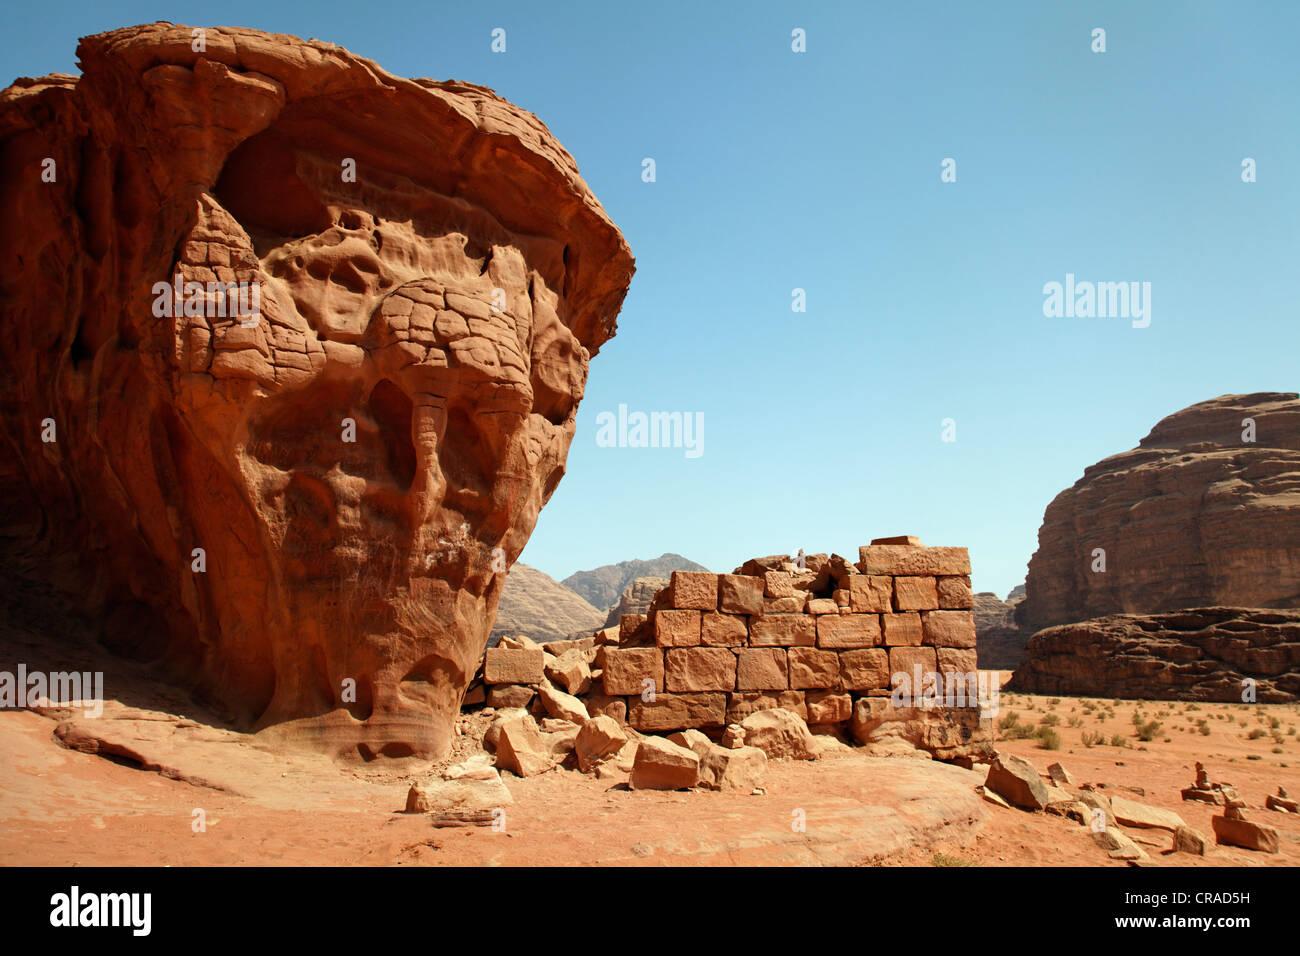 Casa de Lawrence de Arabia, la ruina, la pared, desierto, Wadi Rum, Reino Hachemita de Jordania, Oriente Medio, Imagen De Stock